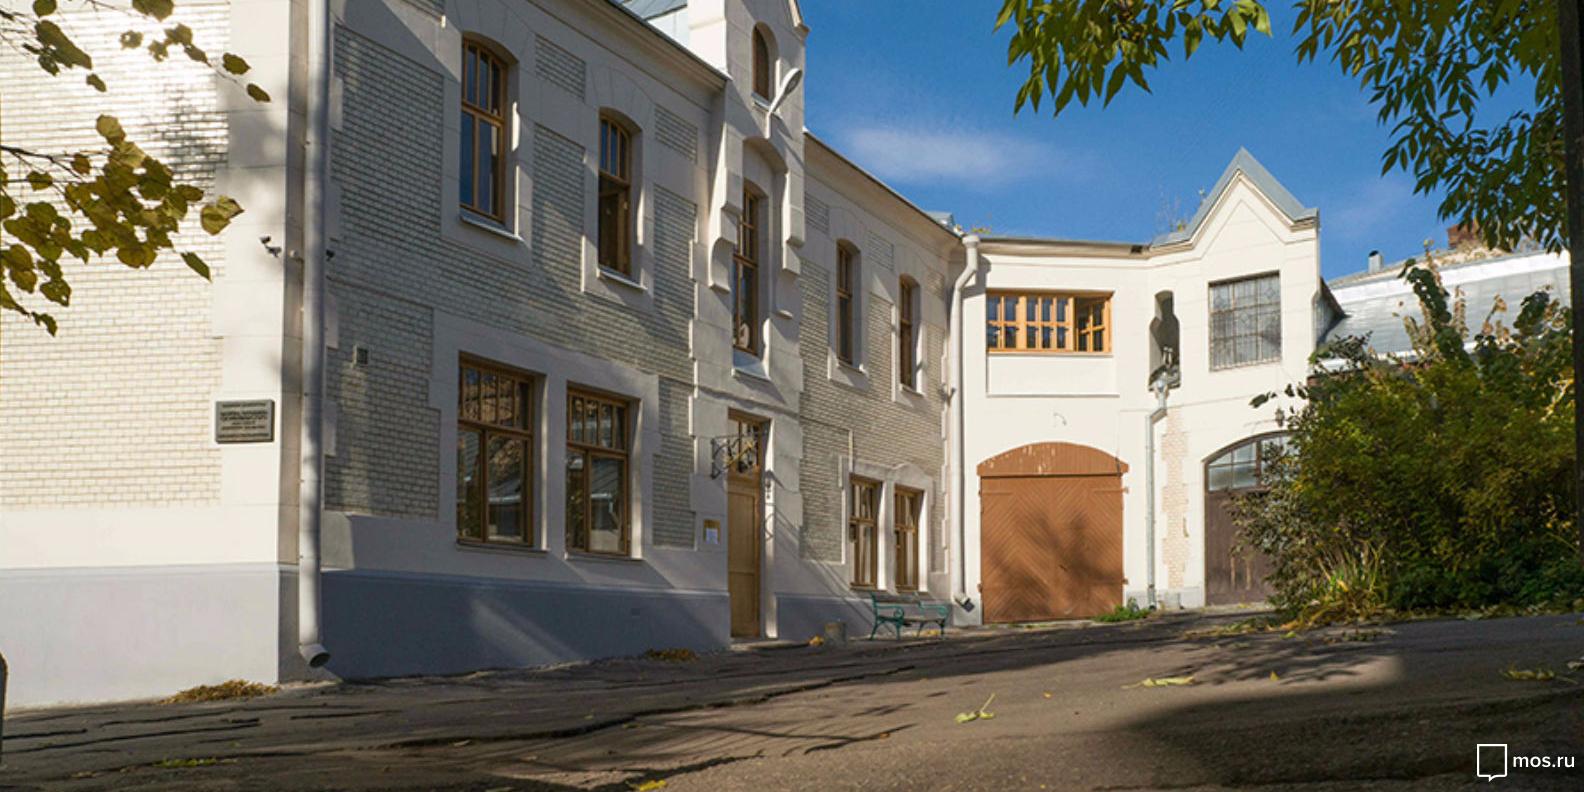 Мемориальный музей-квартира А. Н. Толстого (Москва)